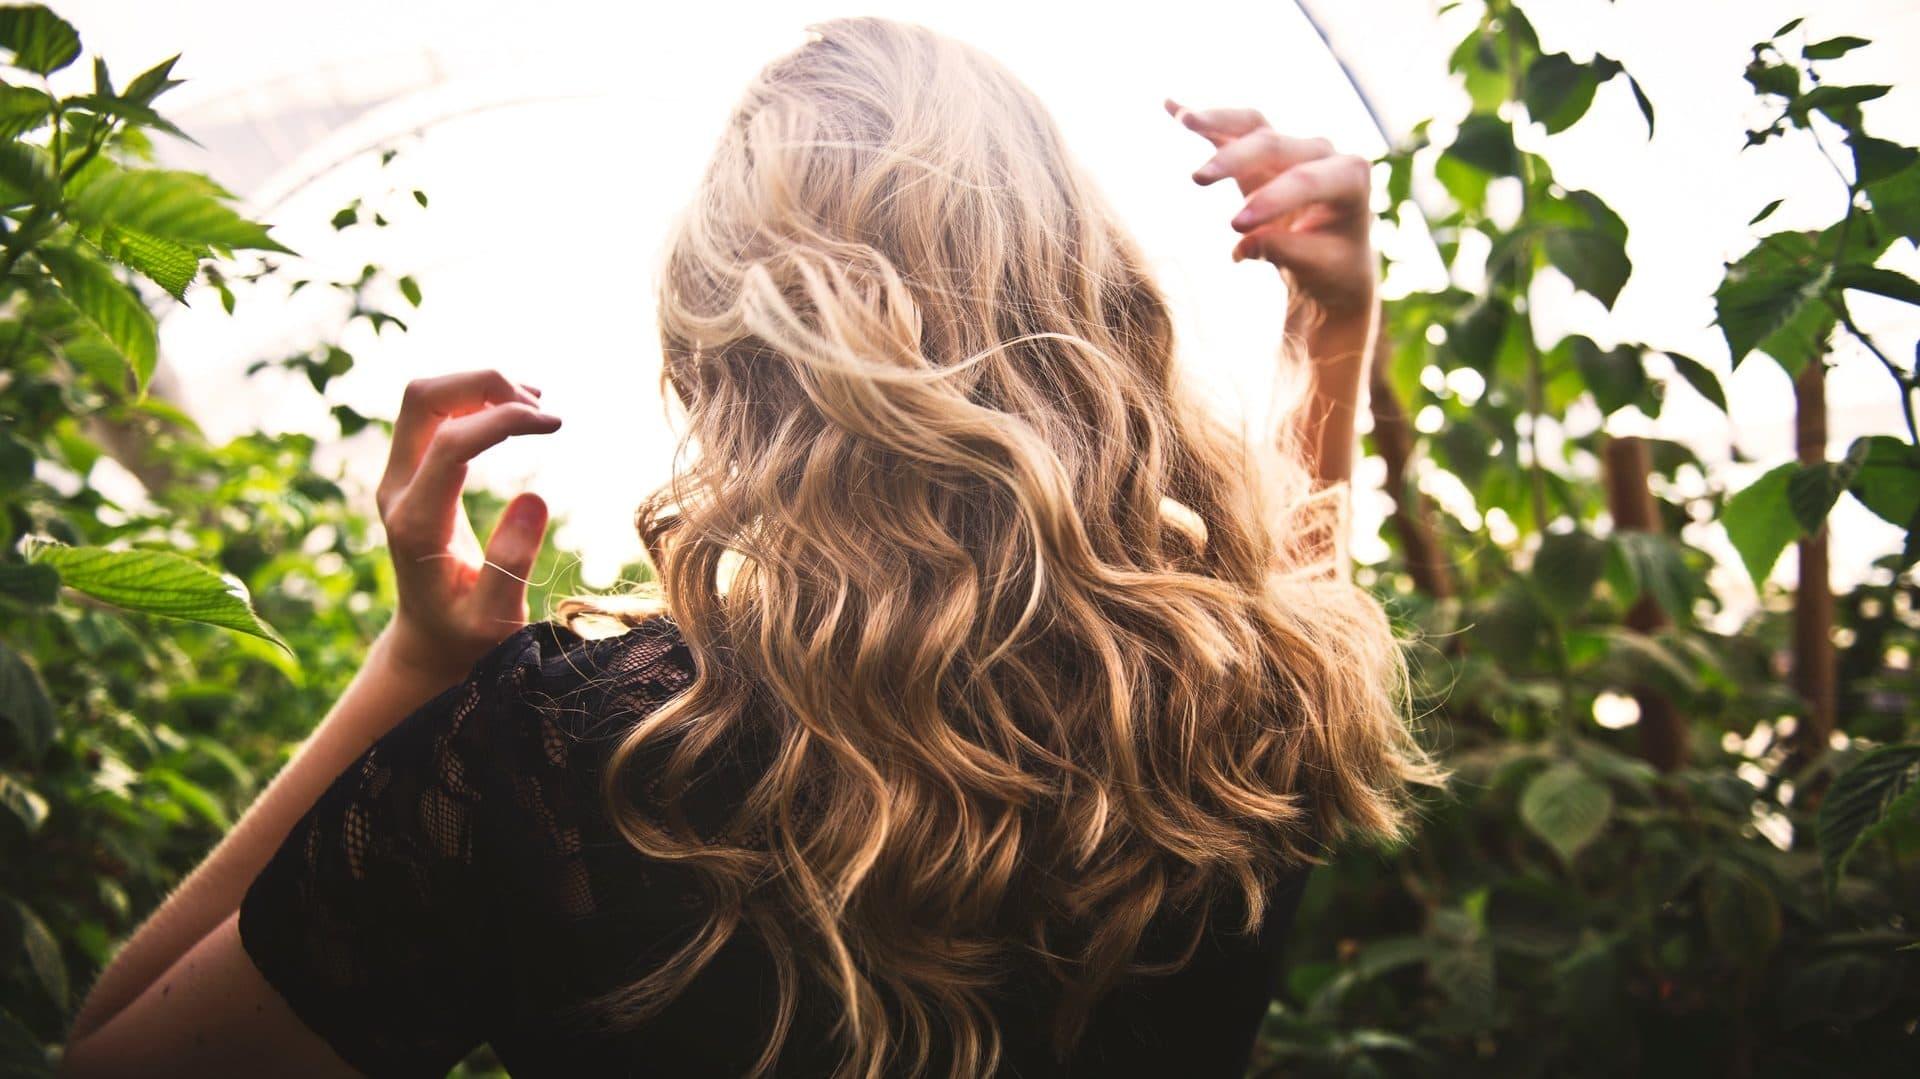 Vrouw met blond haar in veld